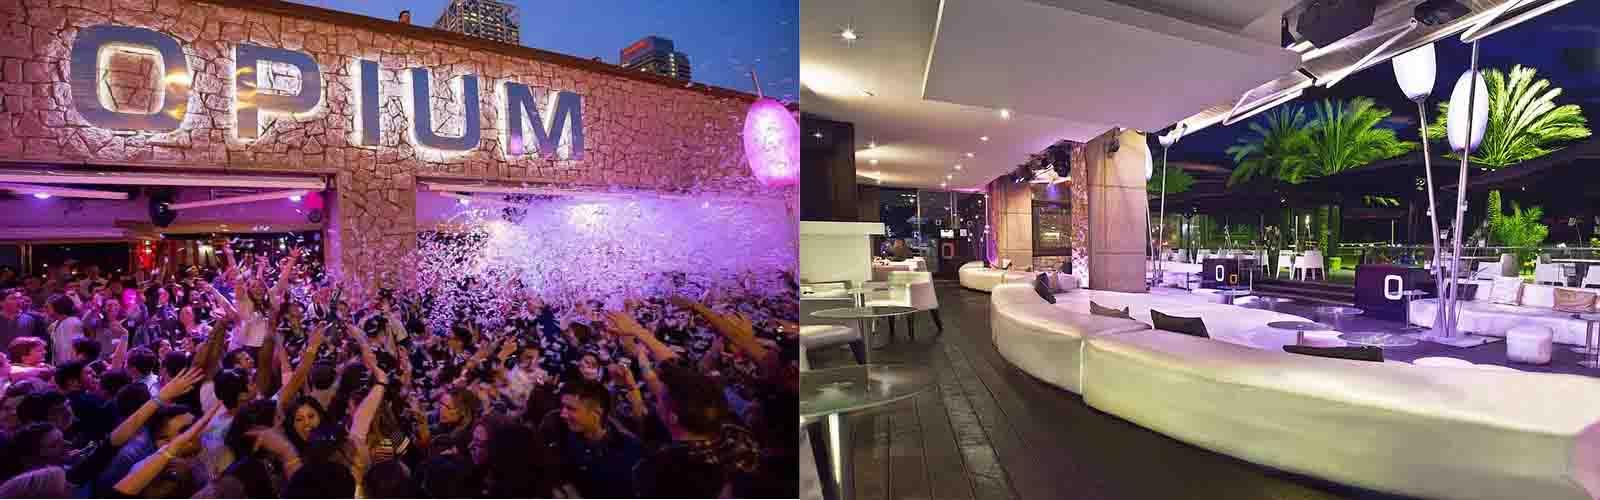 Bezoek Nachtclub Opium voor de grote feesten met bekenden artietsen